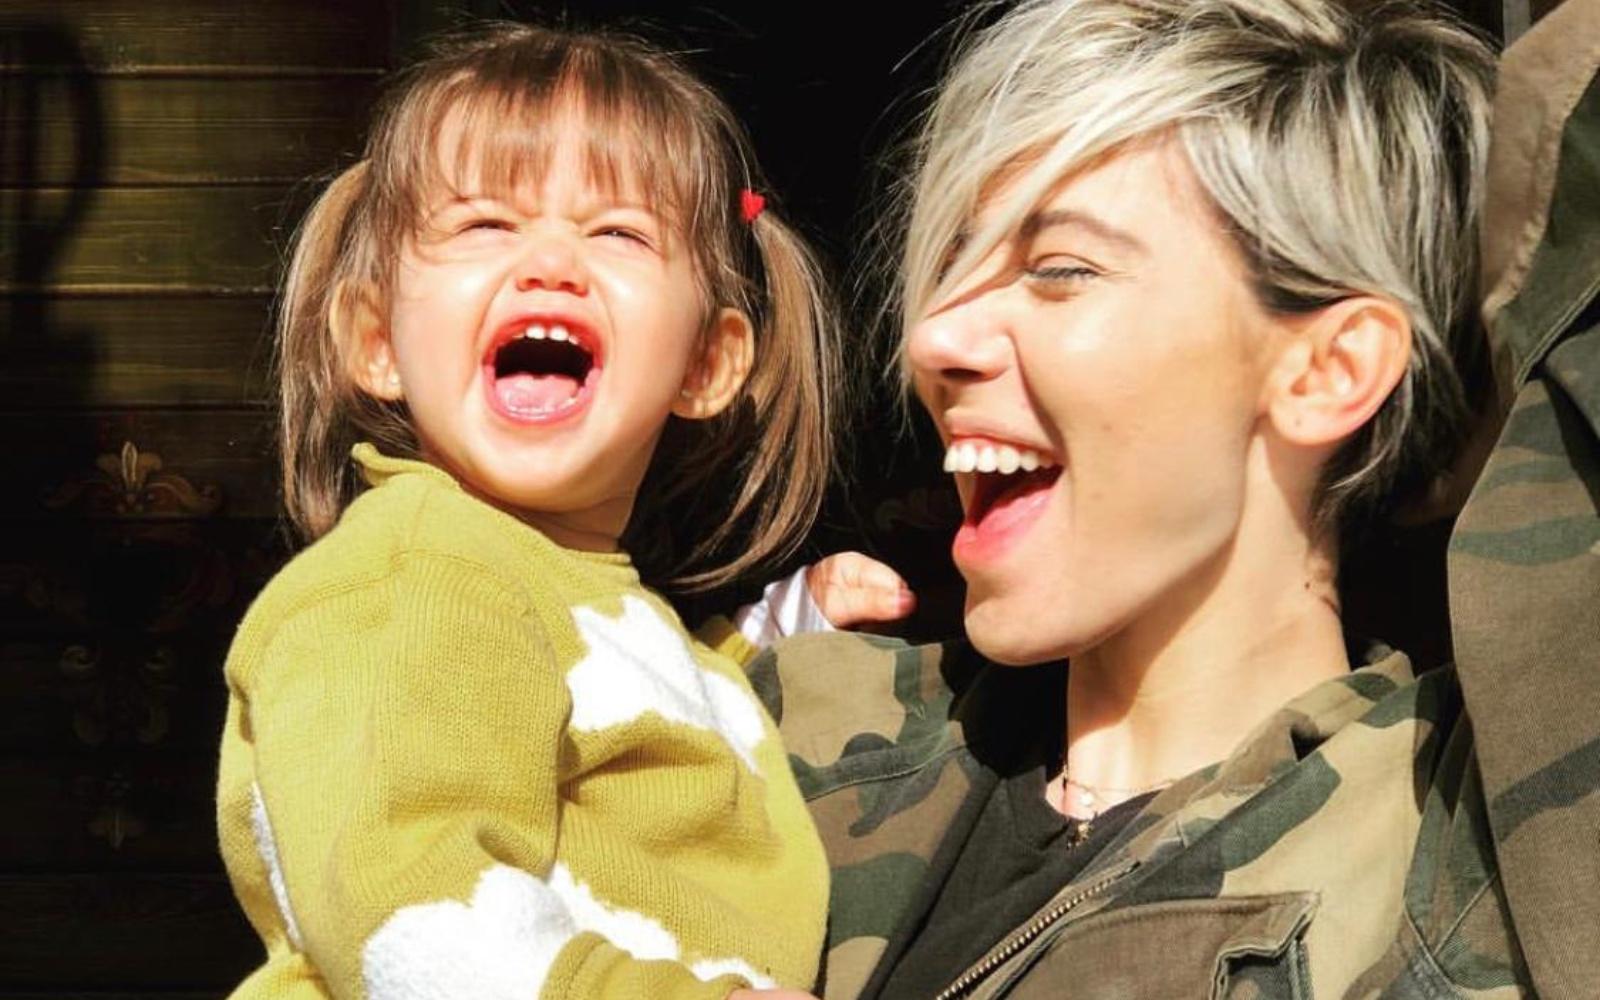 Sore a lansat primul videoclip alături de fiica sa, Erin! Ce peripeții au întâmpinat la filmări